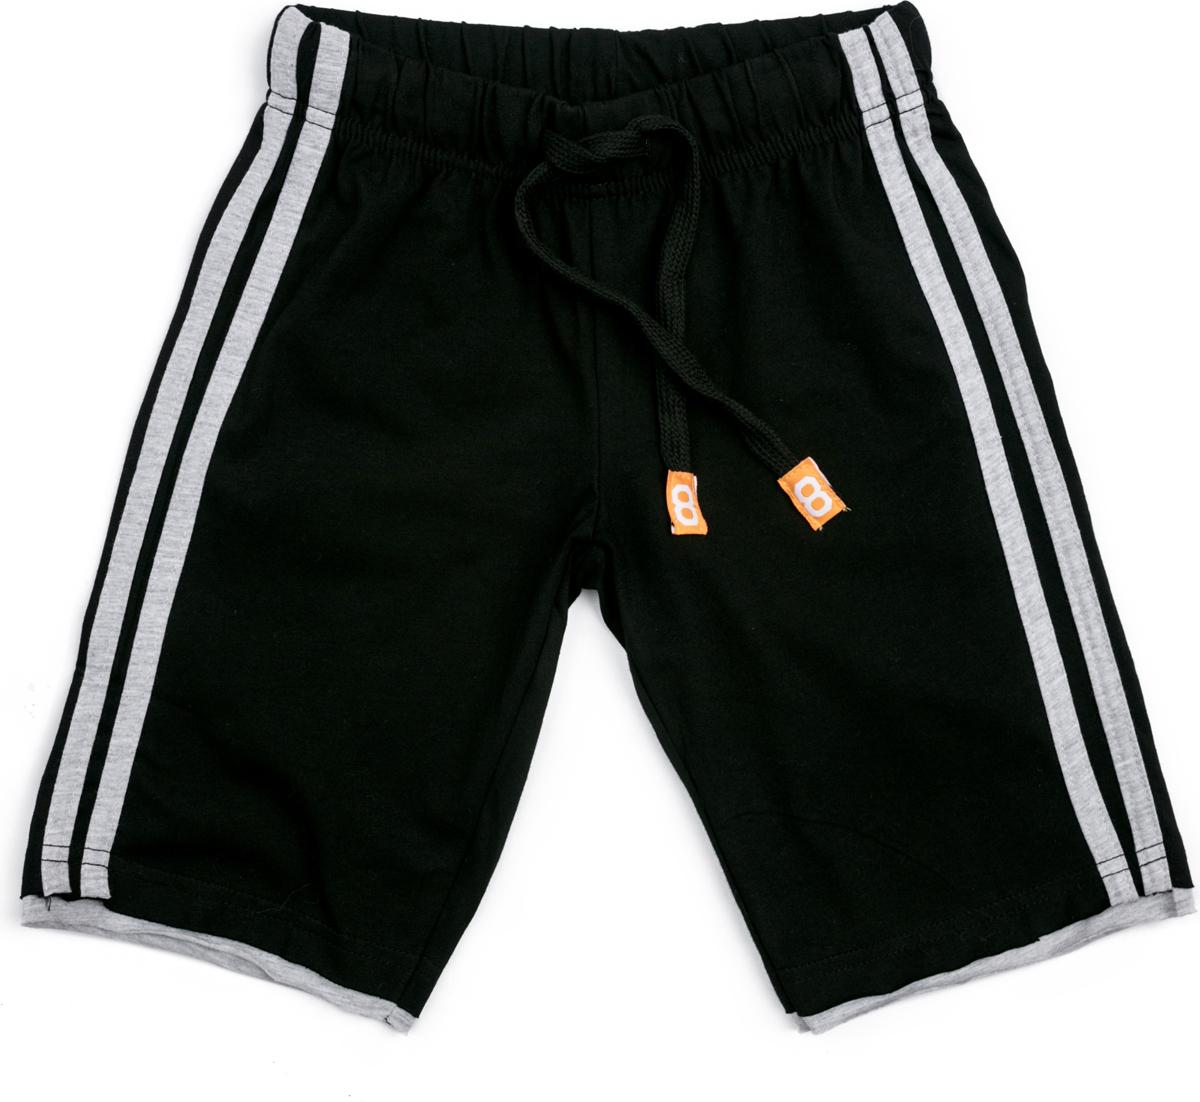 Шорты для мальчика PlayToday Sport, цвет: черный, белый. 180010. Размер 116180010Шорты из натуральной ткани. Пояс на широкой резинке, не сдавливающей живот ребенка, дополнен регулируемым шнуром - кулиской.